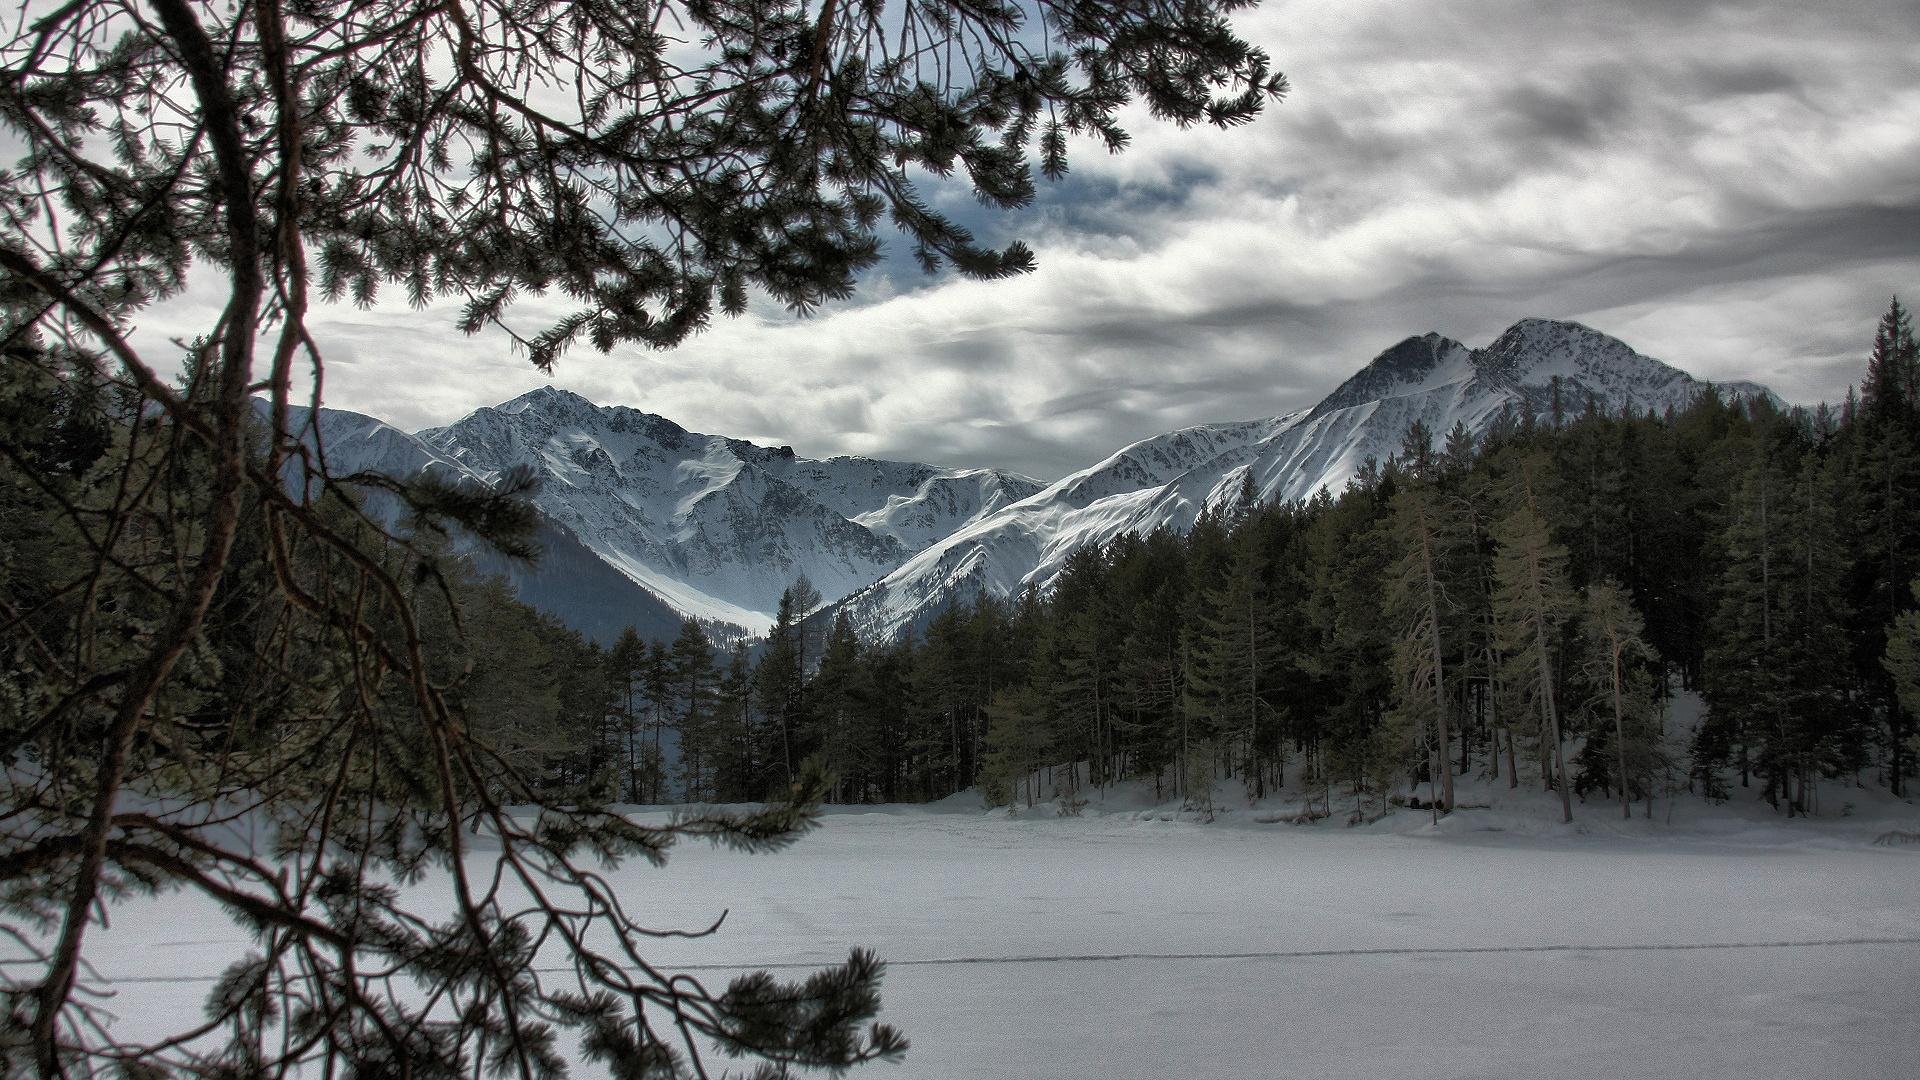 frozen forest backgrounds - HD Desktop Wallpapers | 4k HD